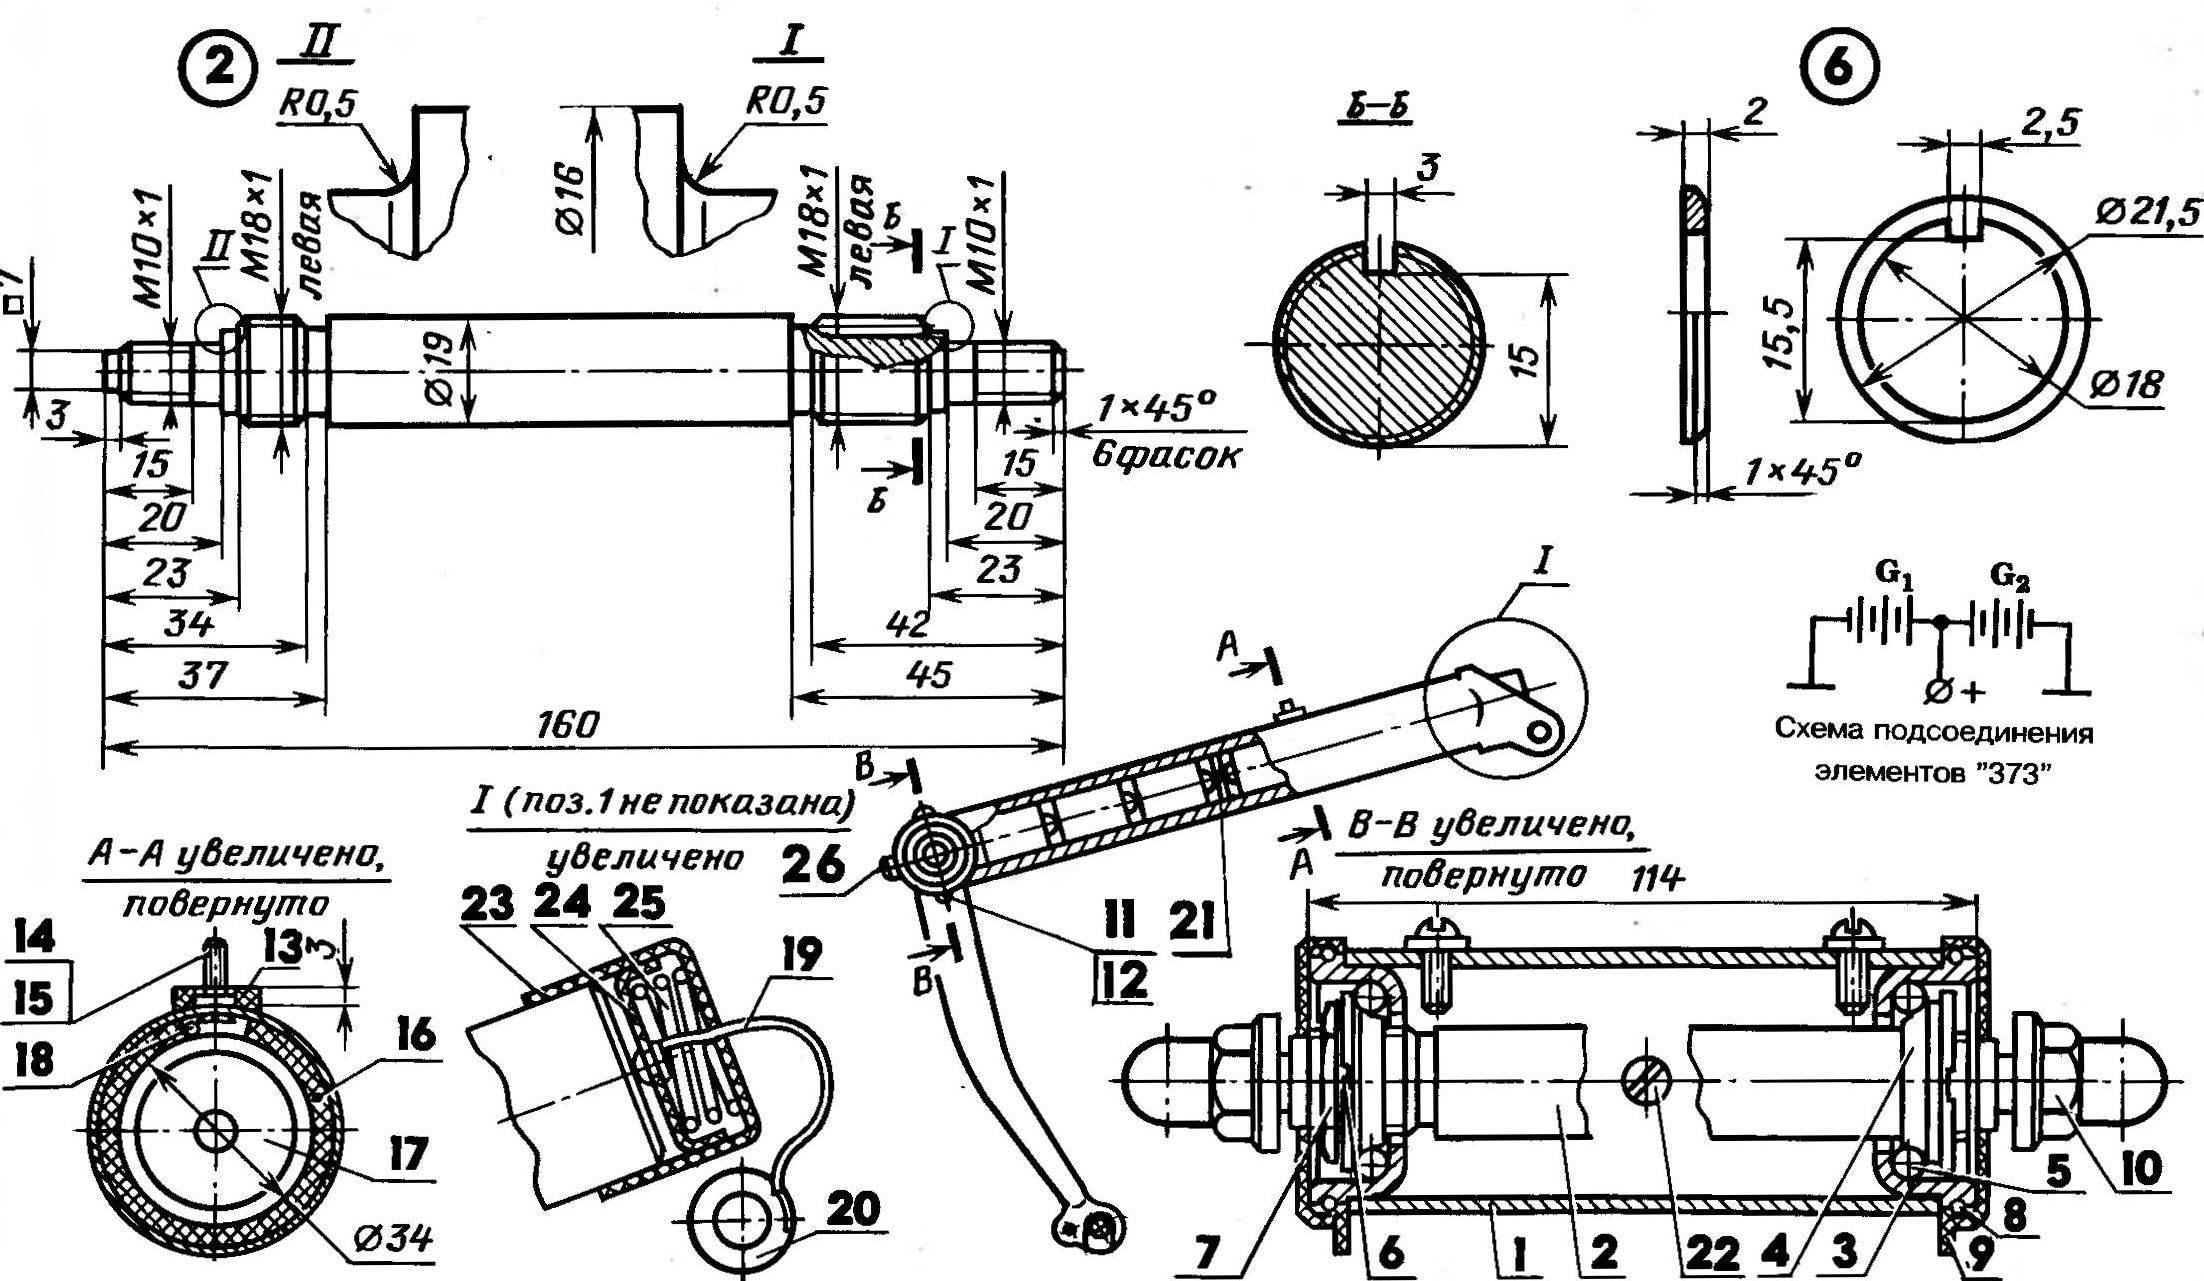 Рис. 2. Стыковочный модуль